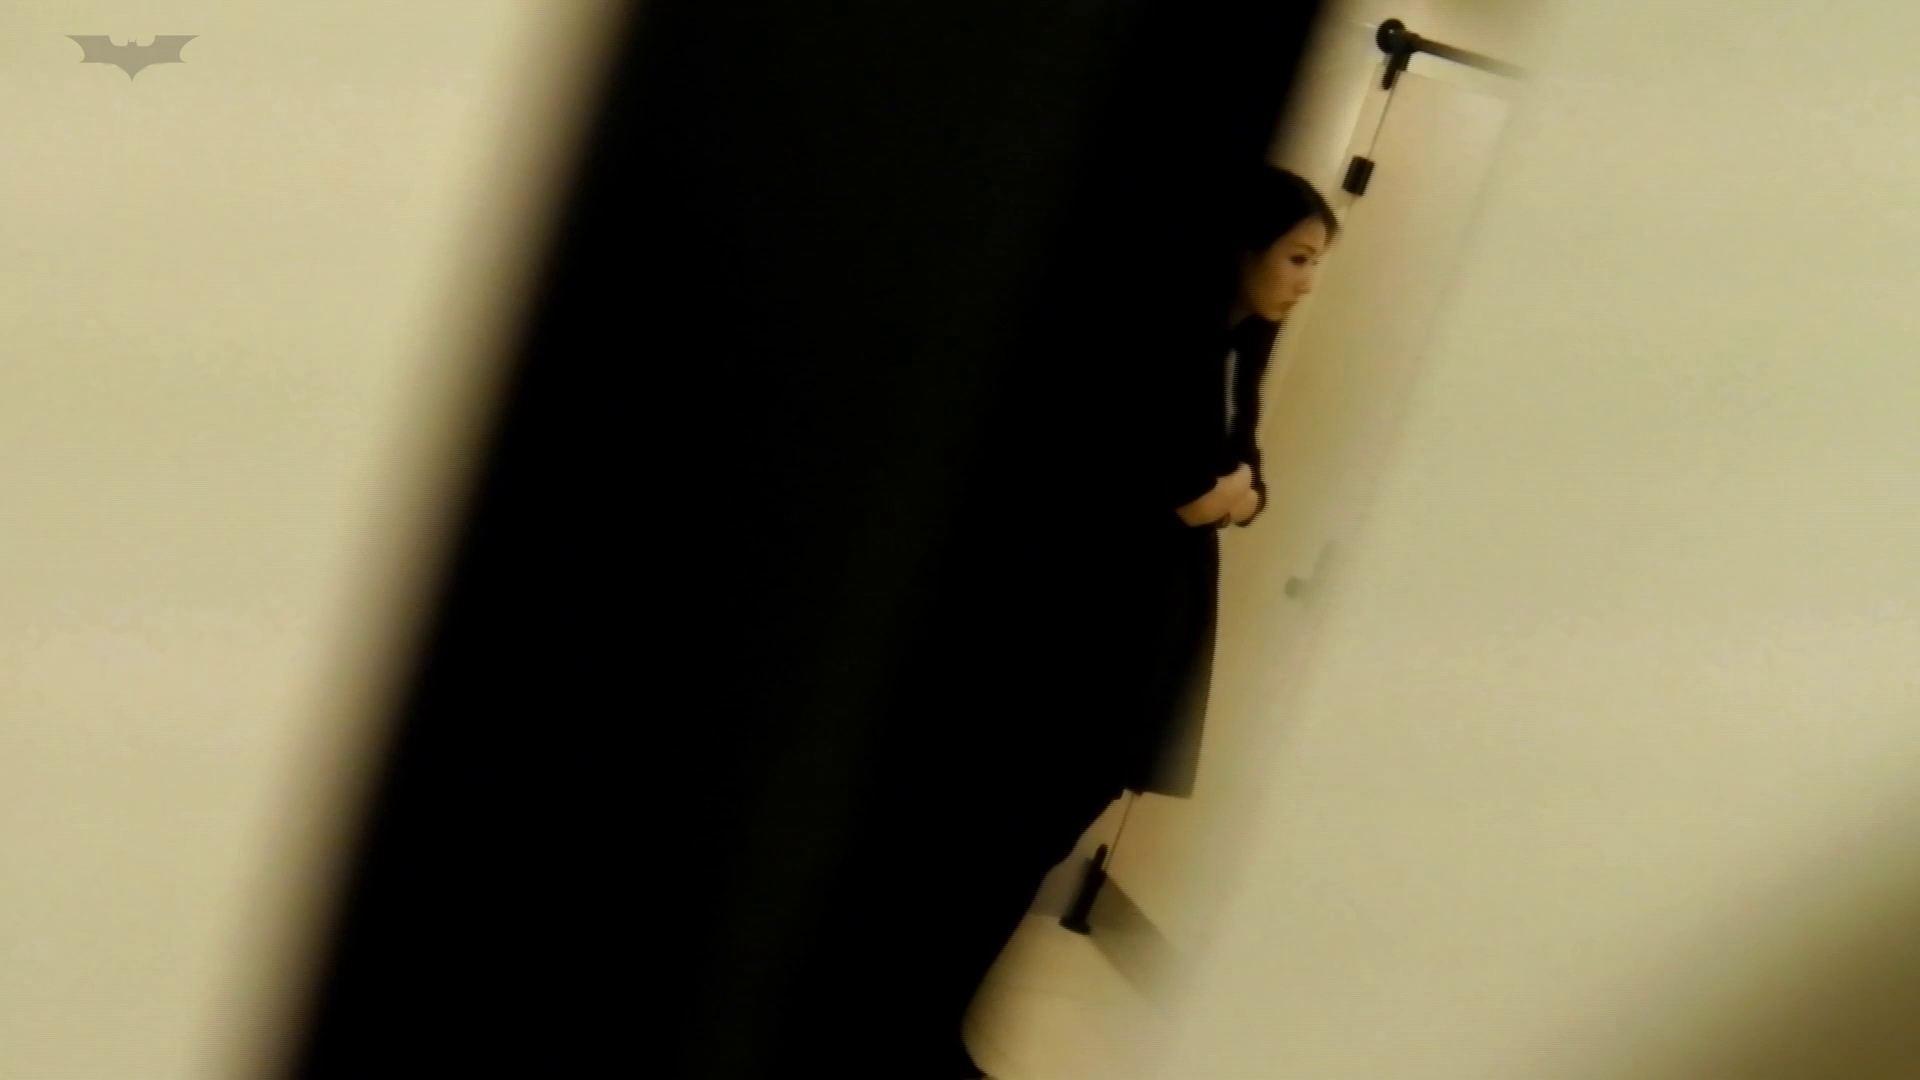 新世界の射窓 No78 トリンドル 玲奈似登場シリーズ美女率最高作! お姉さんのSEX   ギャル達  112枚 97